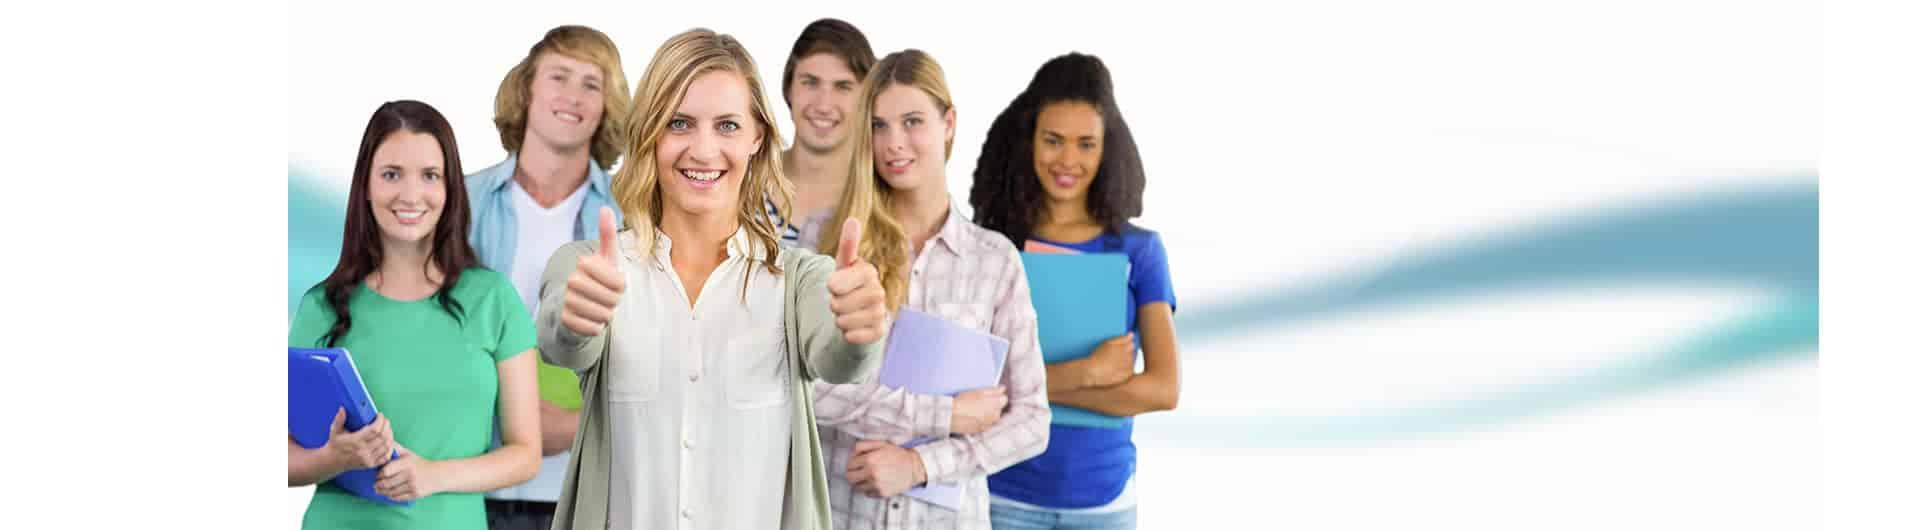 Diensthaftpflicht Lehrer